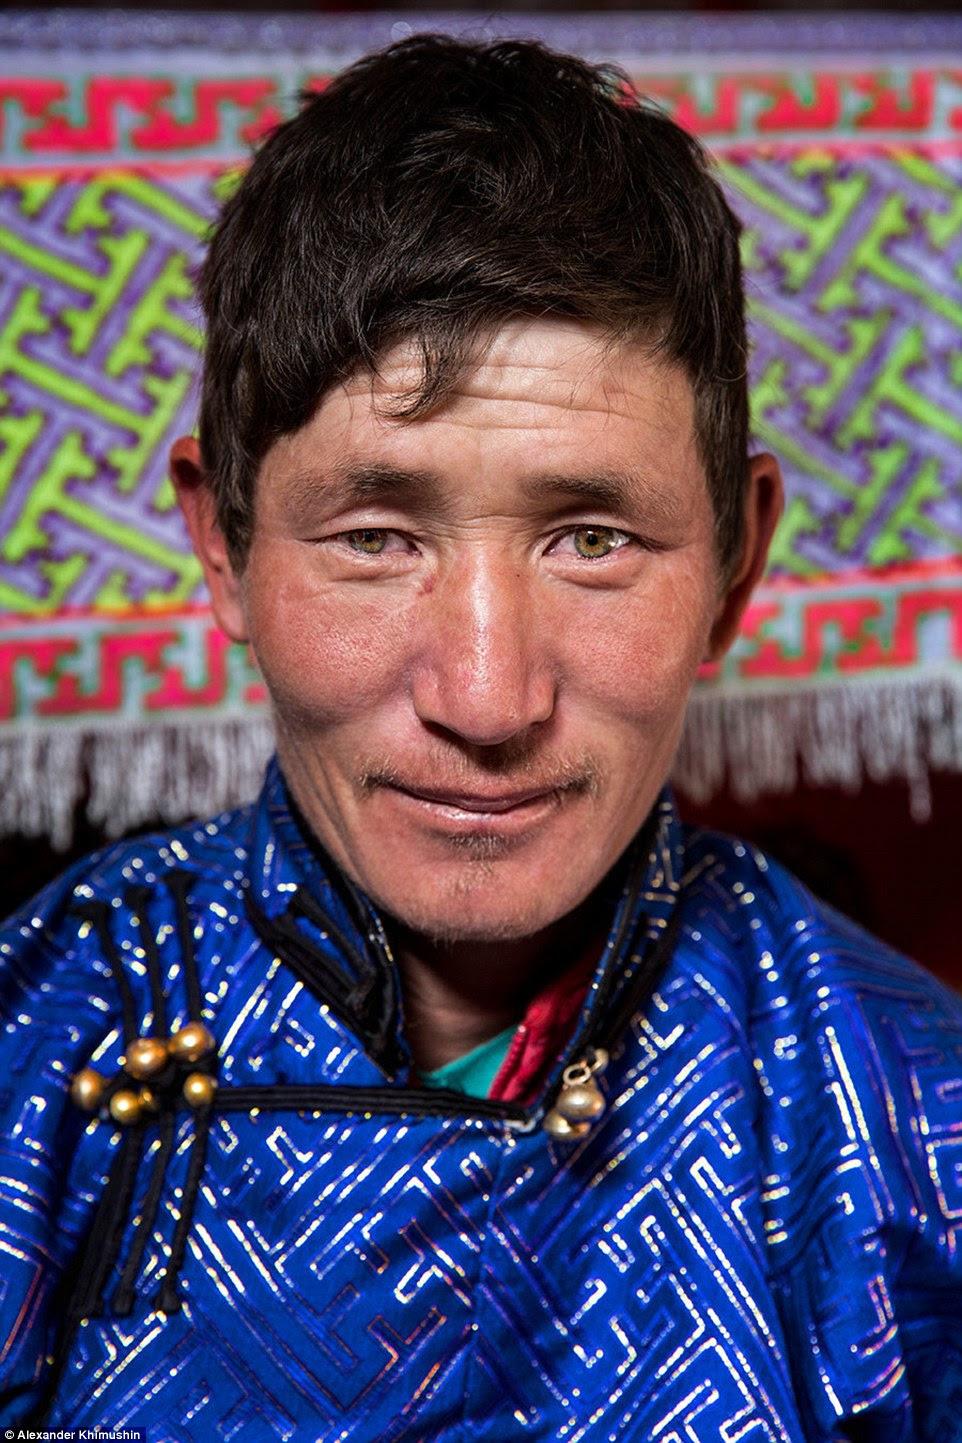 Um homem nômade mongol de Tavan Bogd veste um casaco azul muito bem trabalhada com sinos enquanto o Sr. Khimushin o viu durante a viagem na área remota